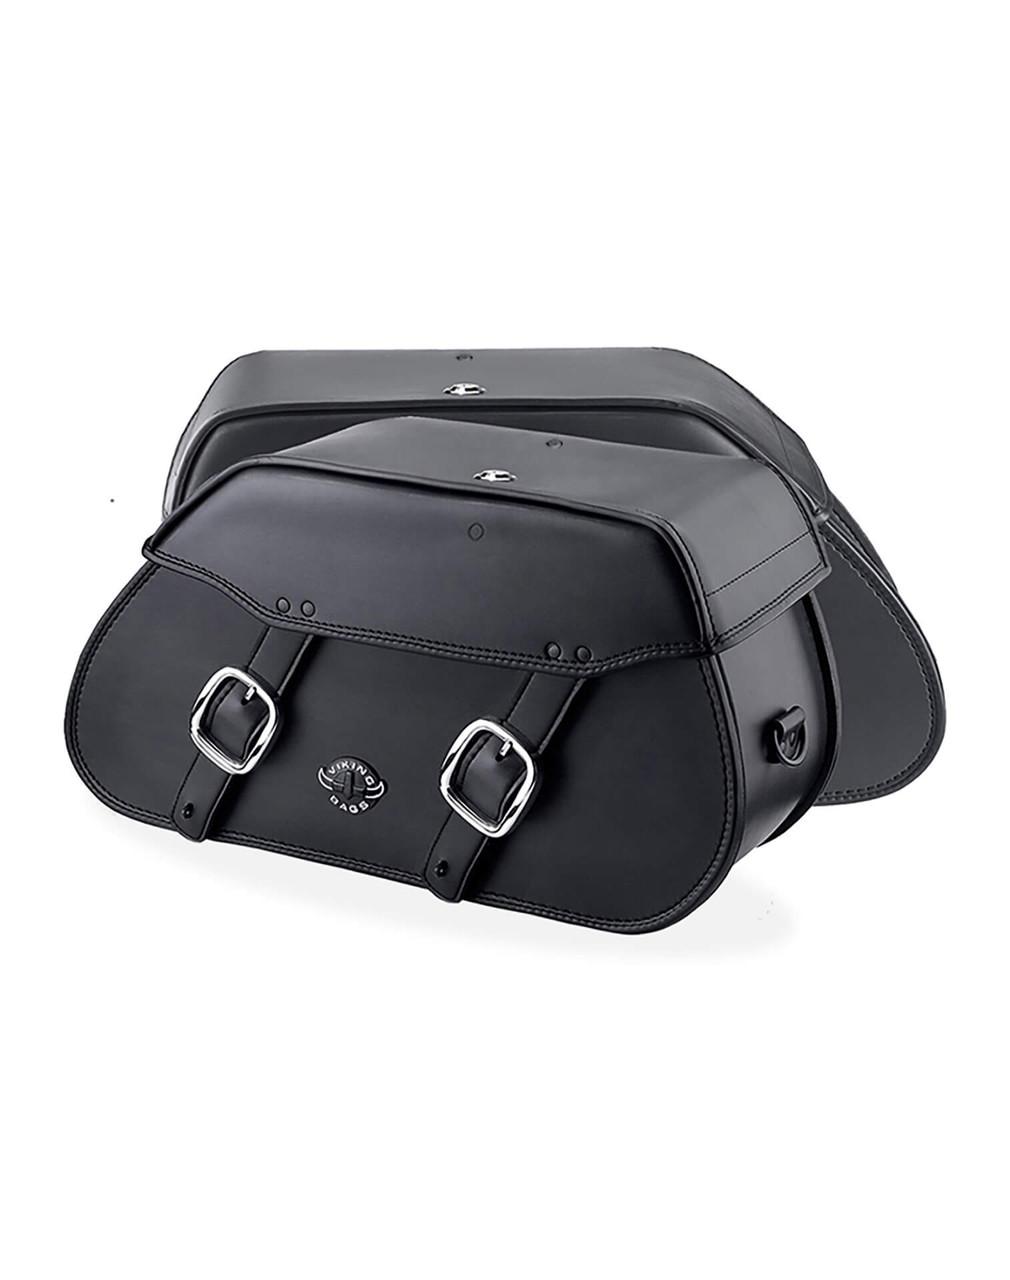 Honda 1500 Valkyrie Standard Pinnacle Motorcycle saddlebags Both Bags View